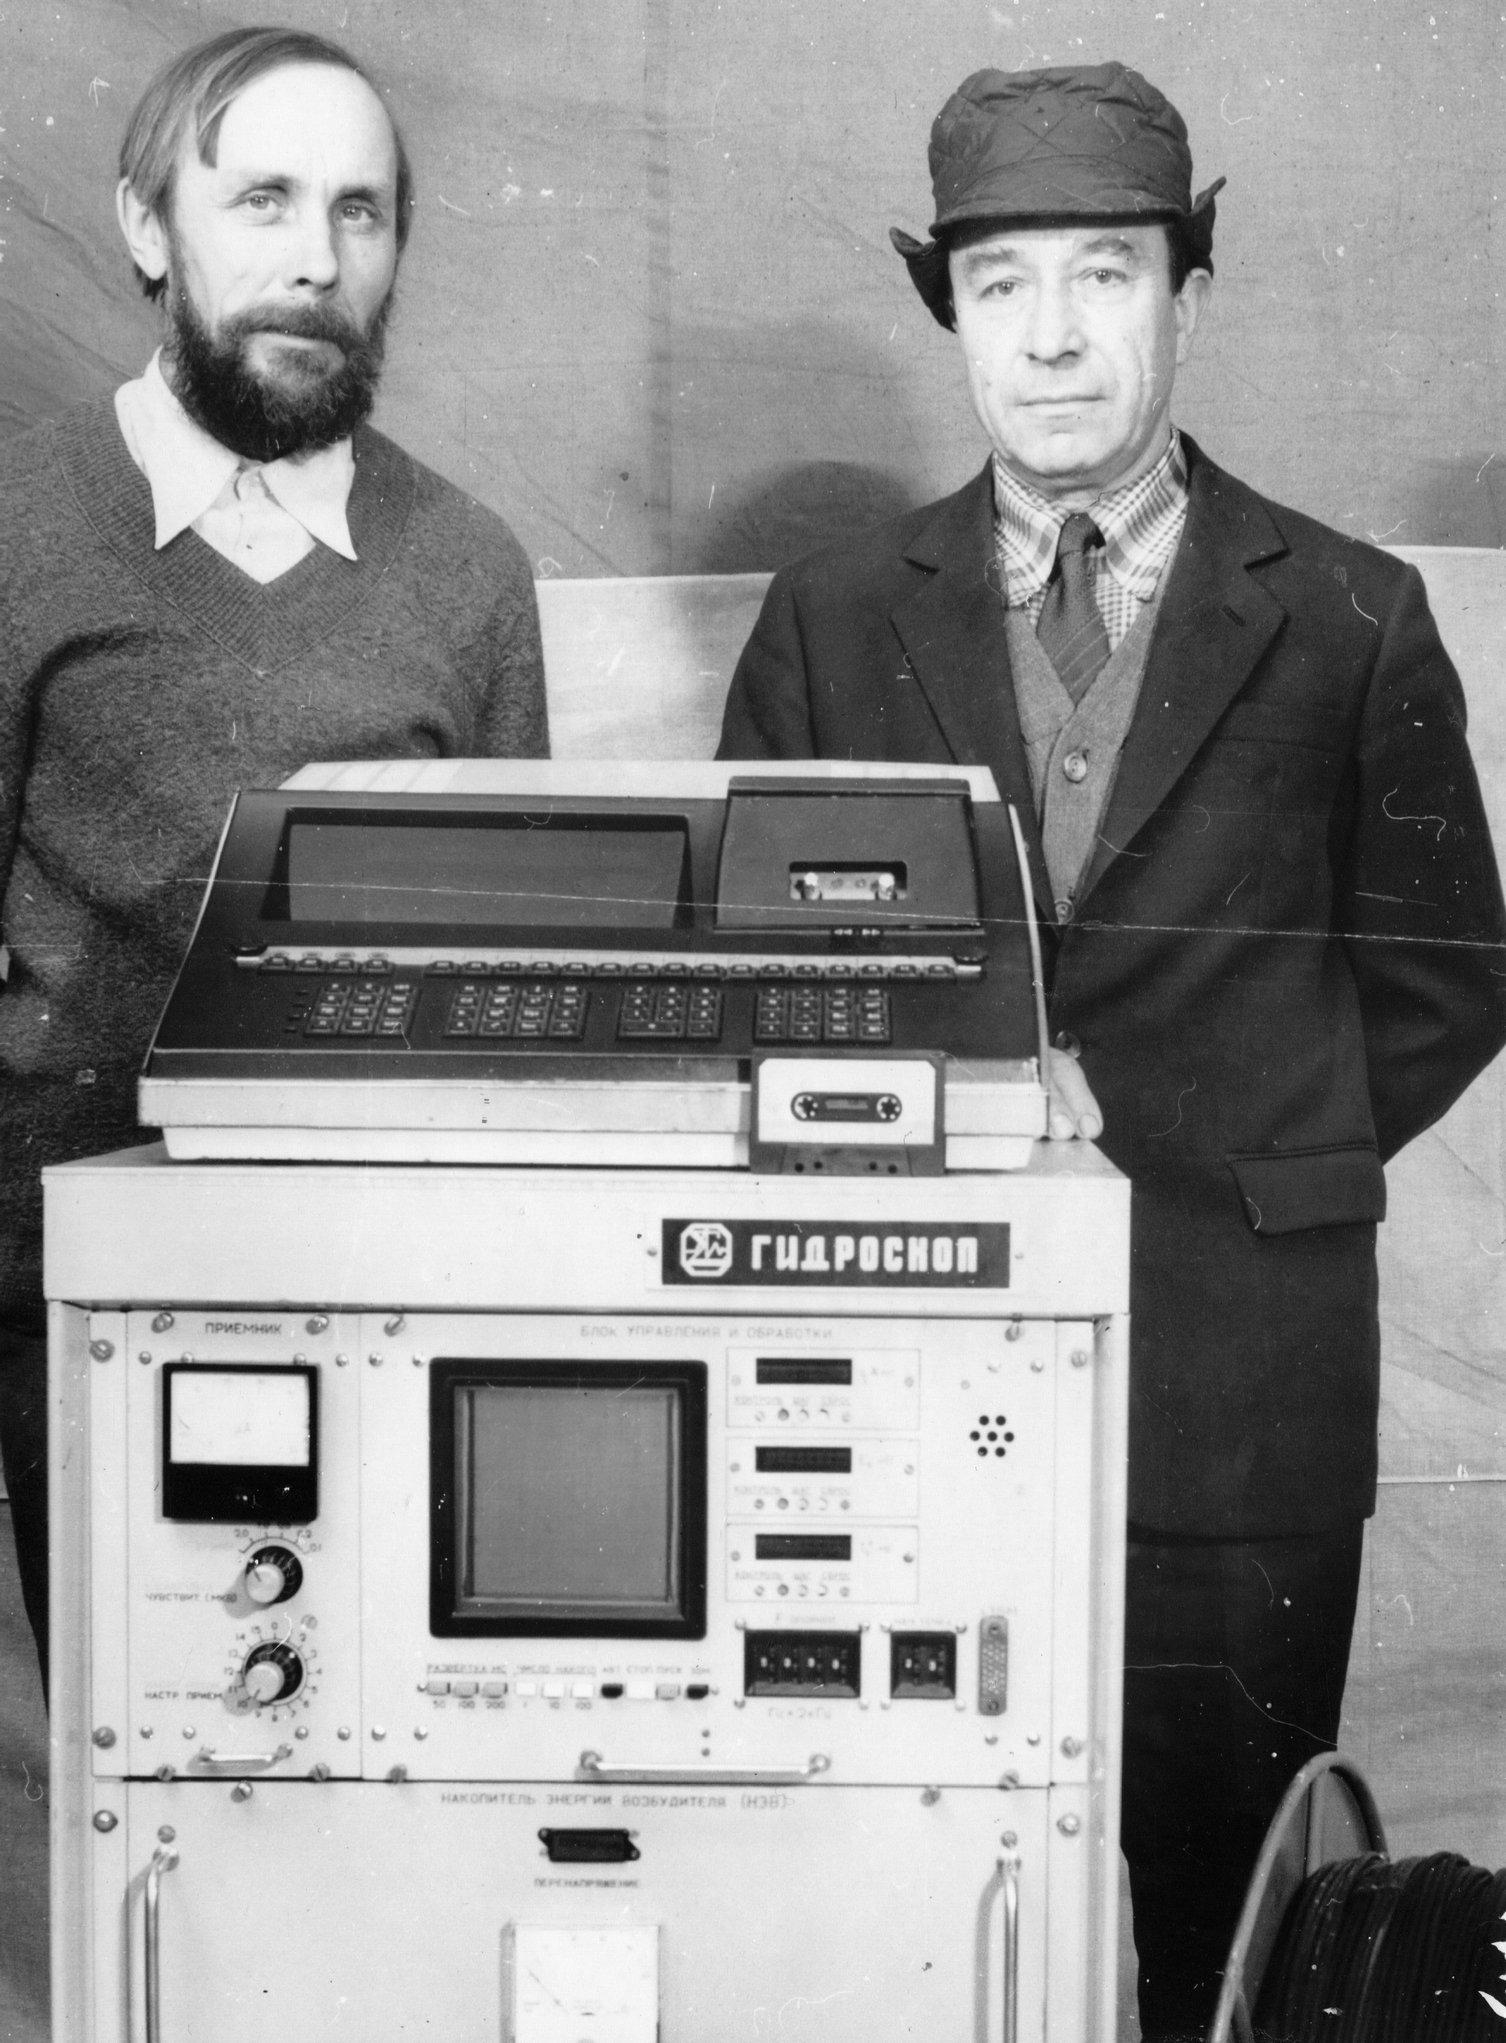 Рис. 1. Создатель «Гидроскопа» А. Г. Семёнов (справа) и радиомонтажник Н. П. Грахов около прибора. Из личного архива В. Д. Жидкова